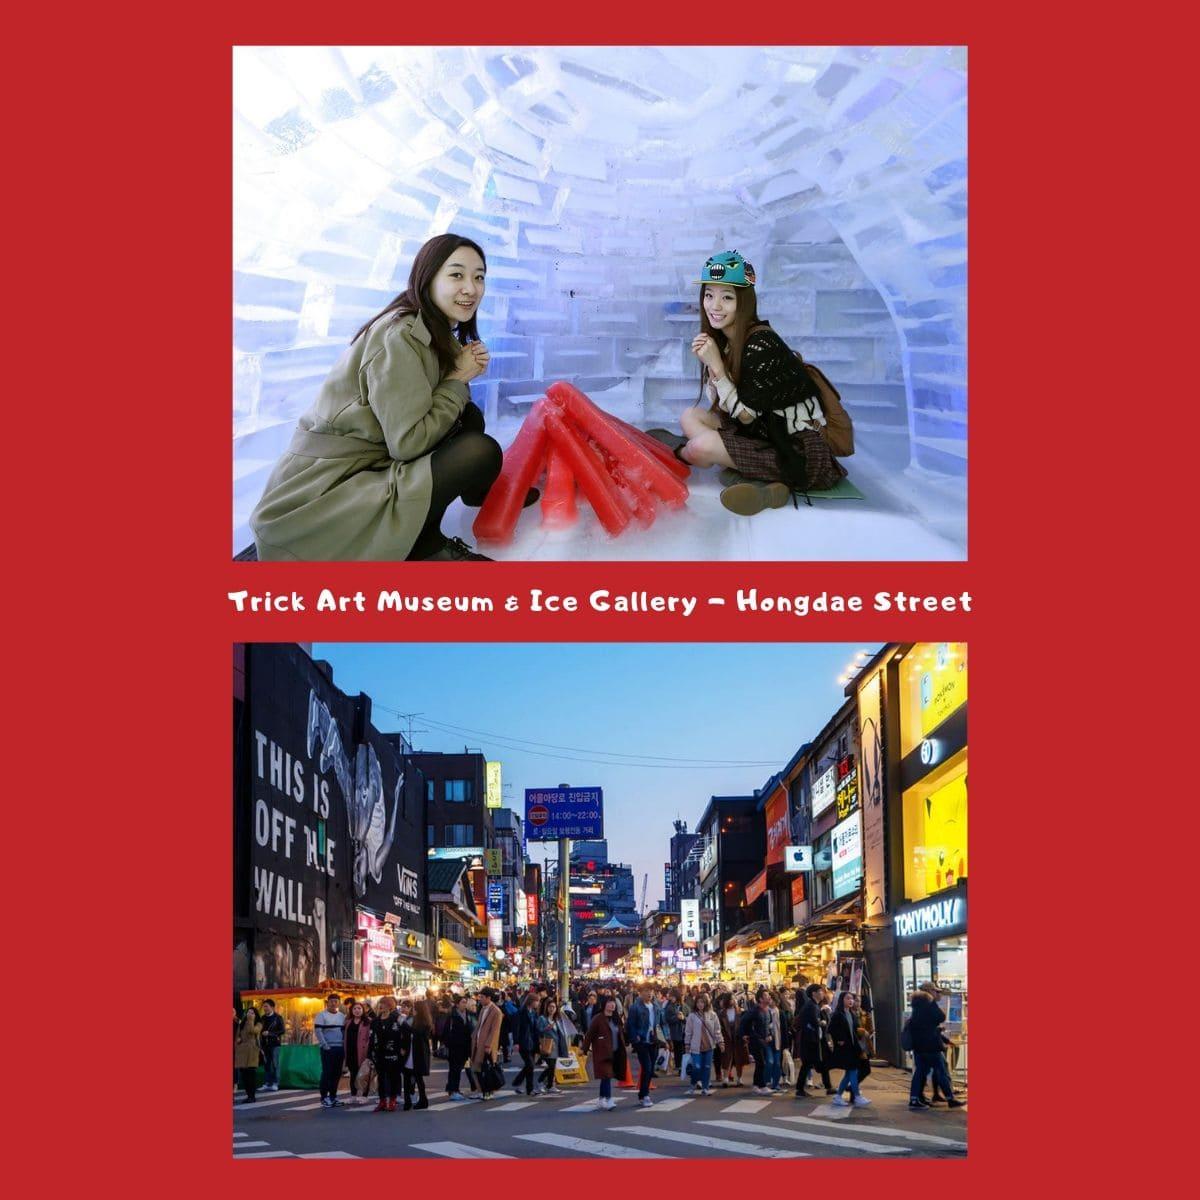 Pengalaman Seru Liburan Musim Dingin di Korea Selatan - Trick Art Museum, Ice Gallery, & Hongdae Street - Sumber Flickr